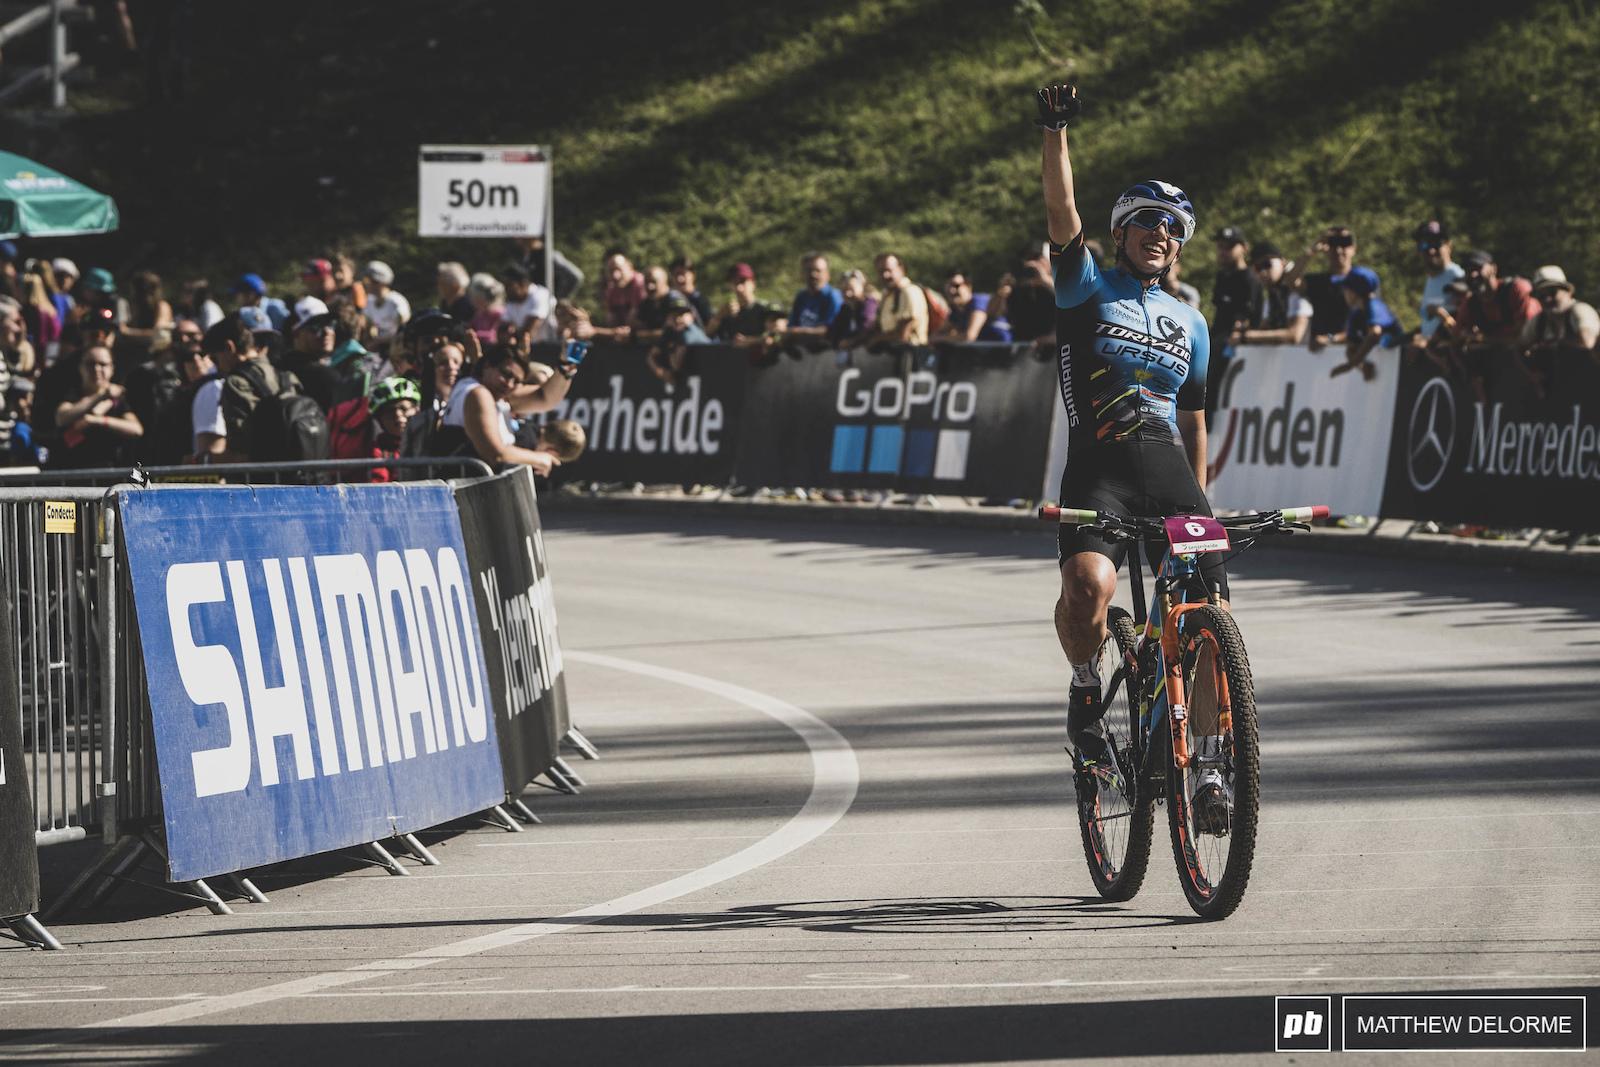 Martina Berta takes the win in the U23 Women s race.